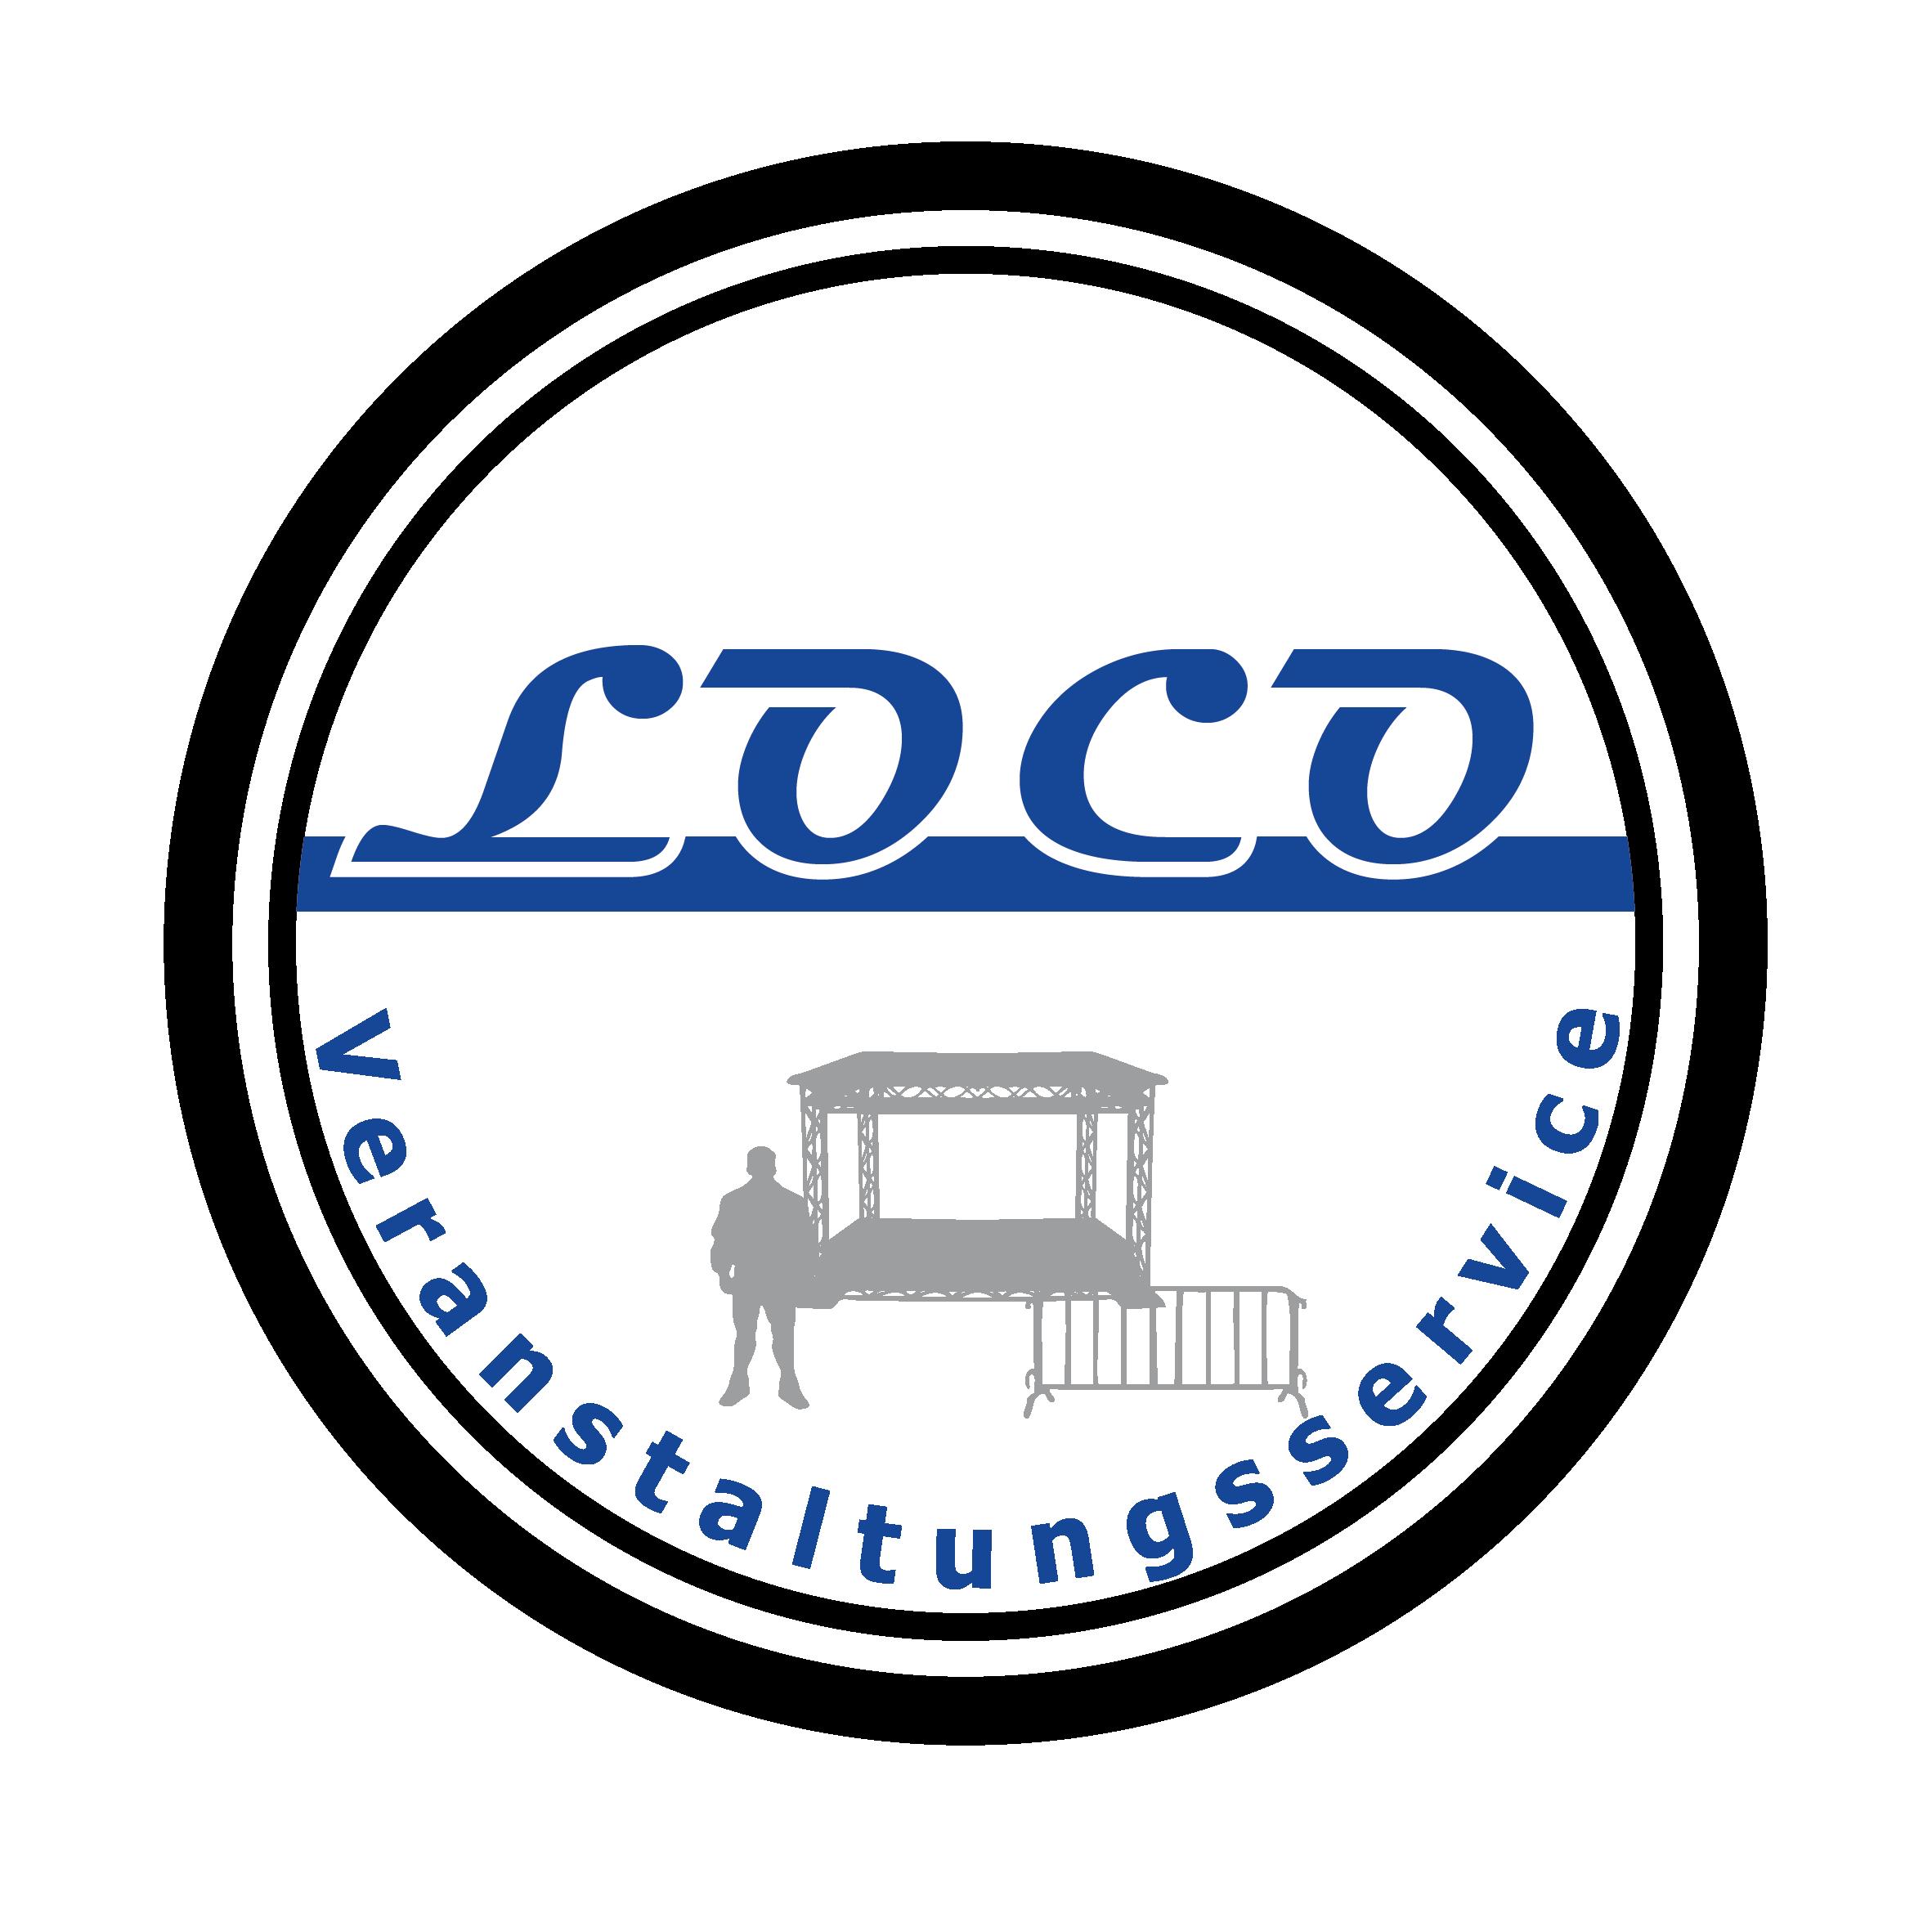 LOCO Veranstaltungsservice Personaldienstleistung Eventinfrastruktur Stagehand Absperrung Bauzaun Stagebarrier Personal Helfer Veranstaltung